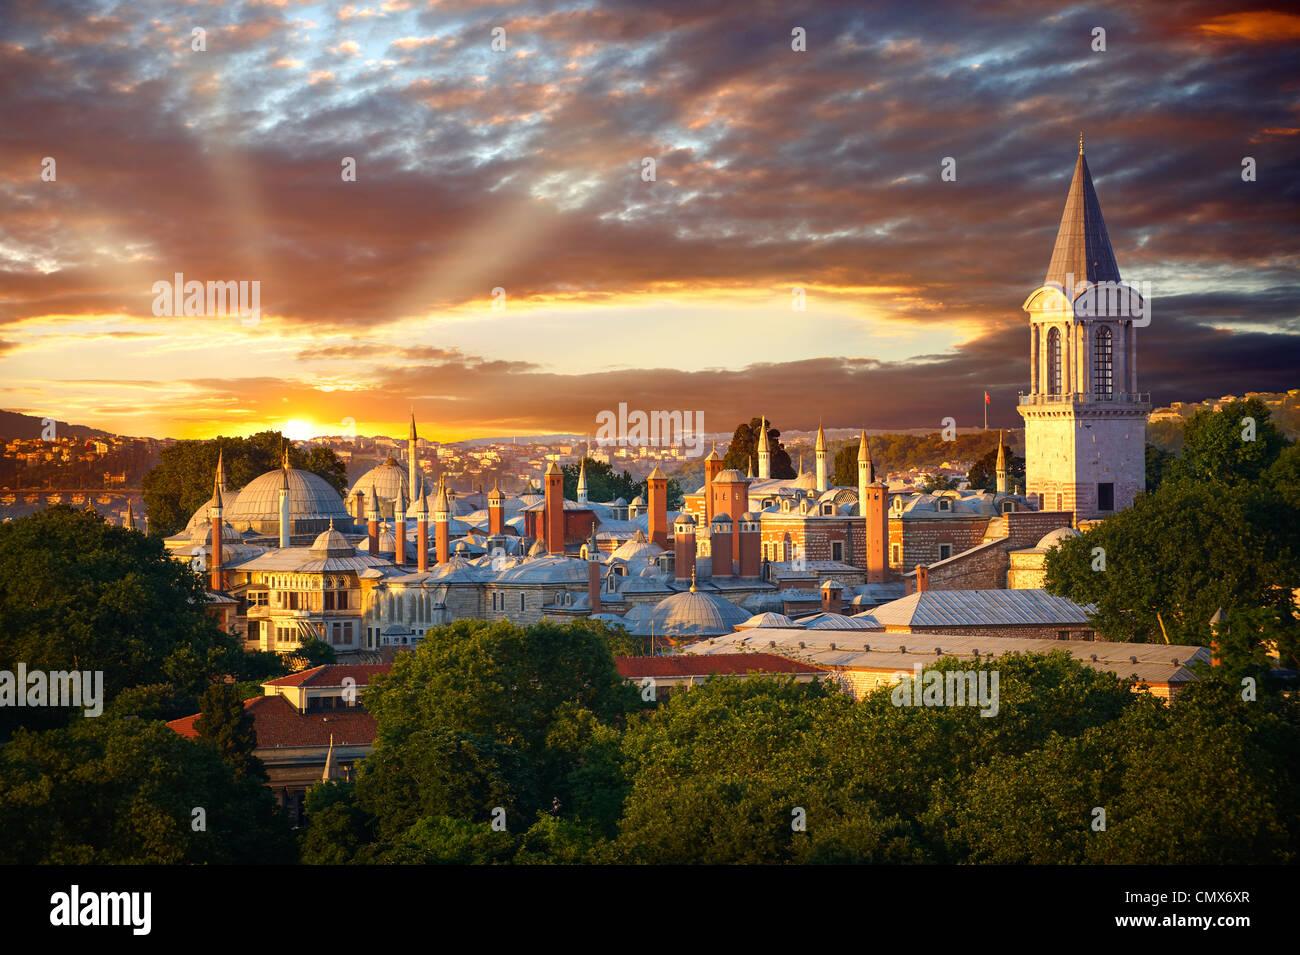 Les Sultans du palais de Topkapi au coucher du soleil, Istanbul, Turquie Photo Stock